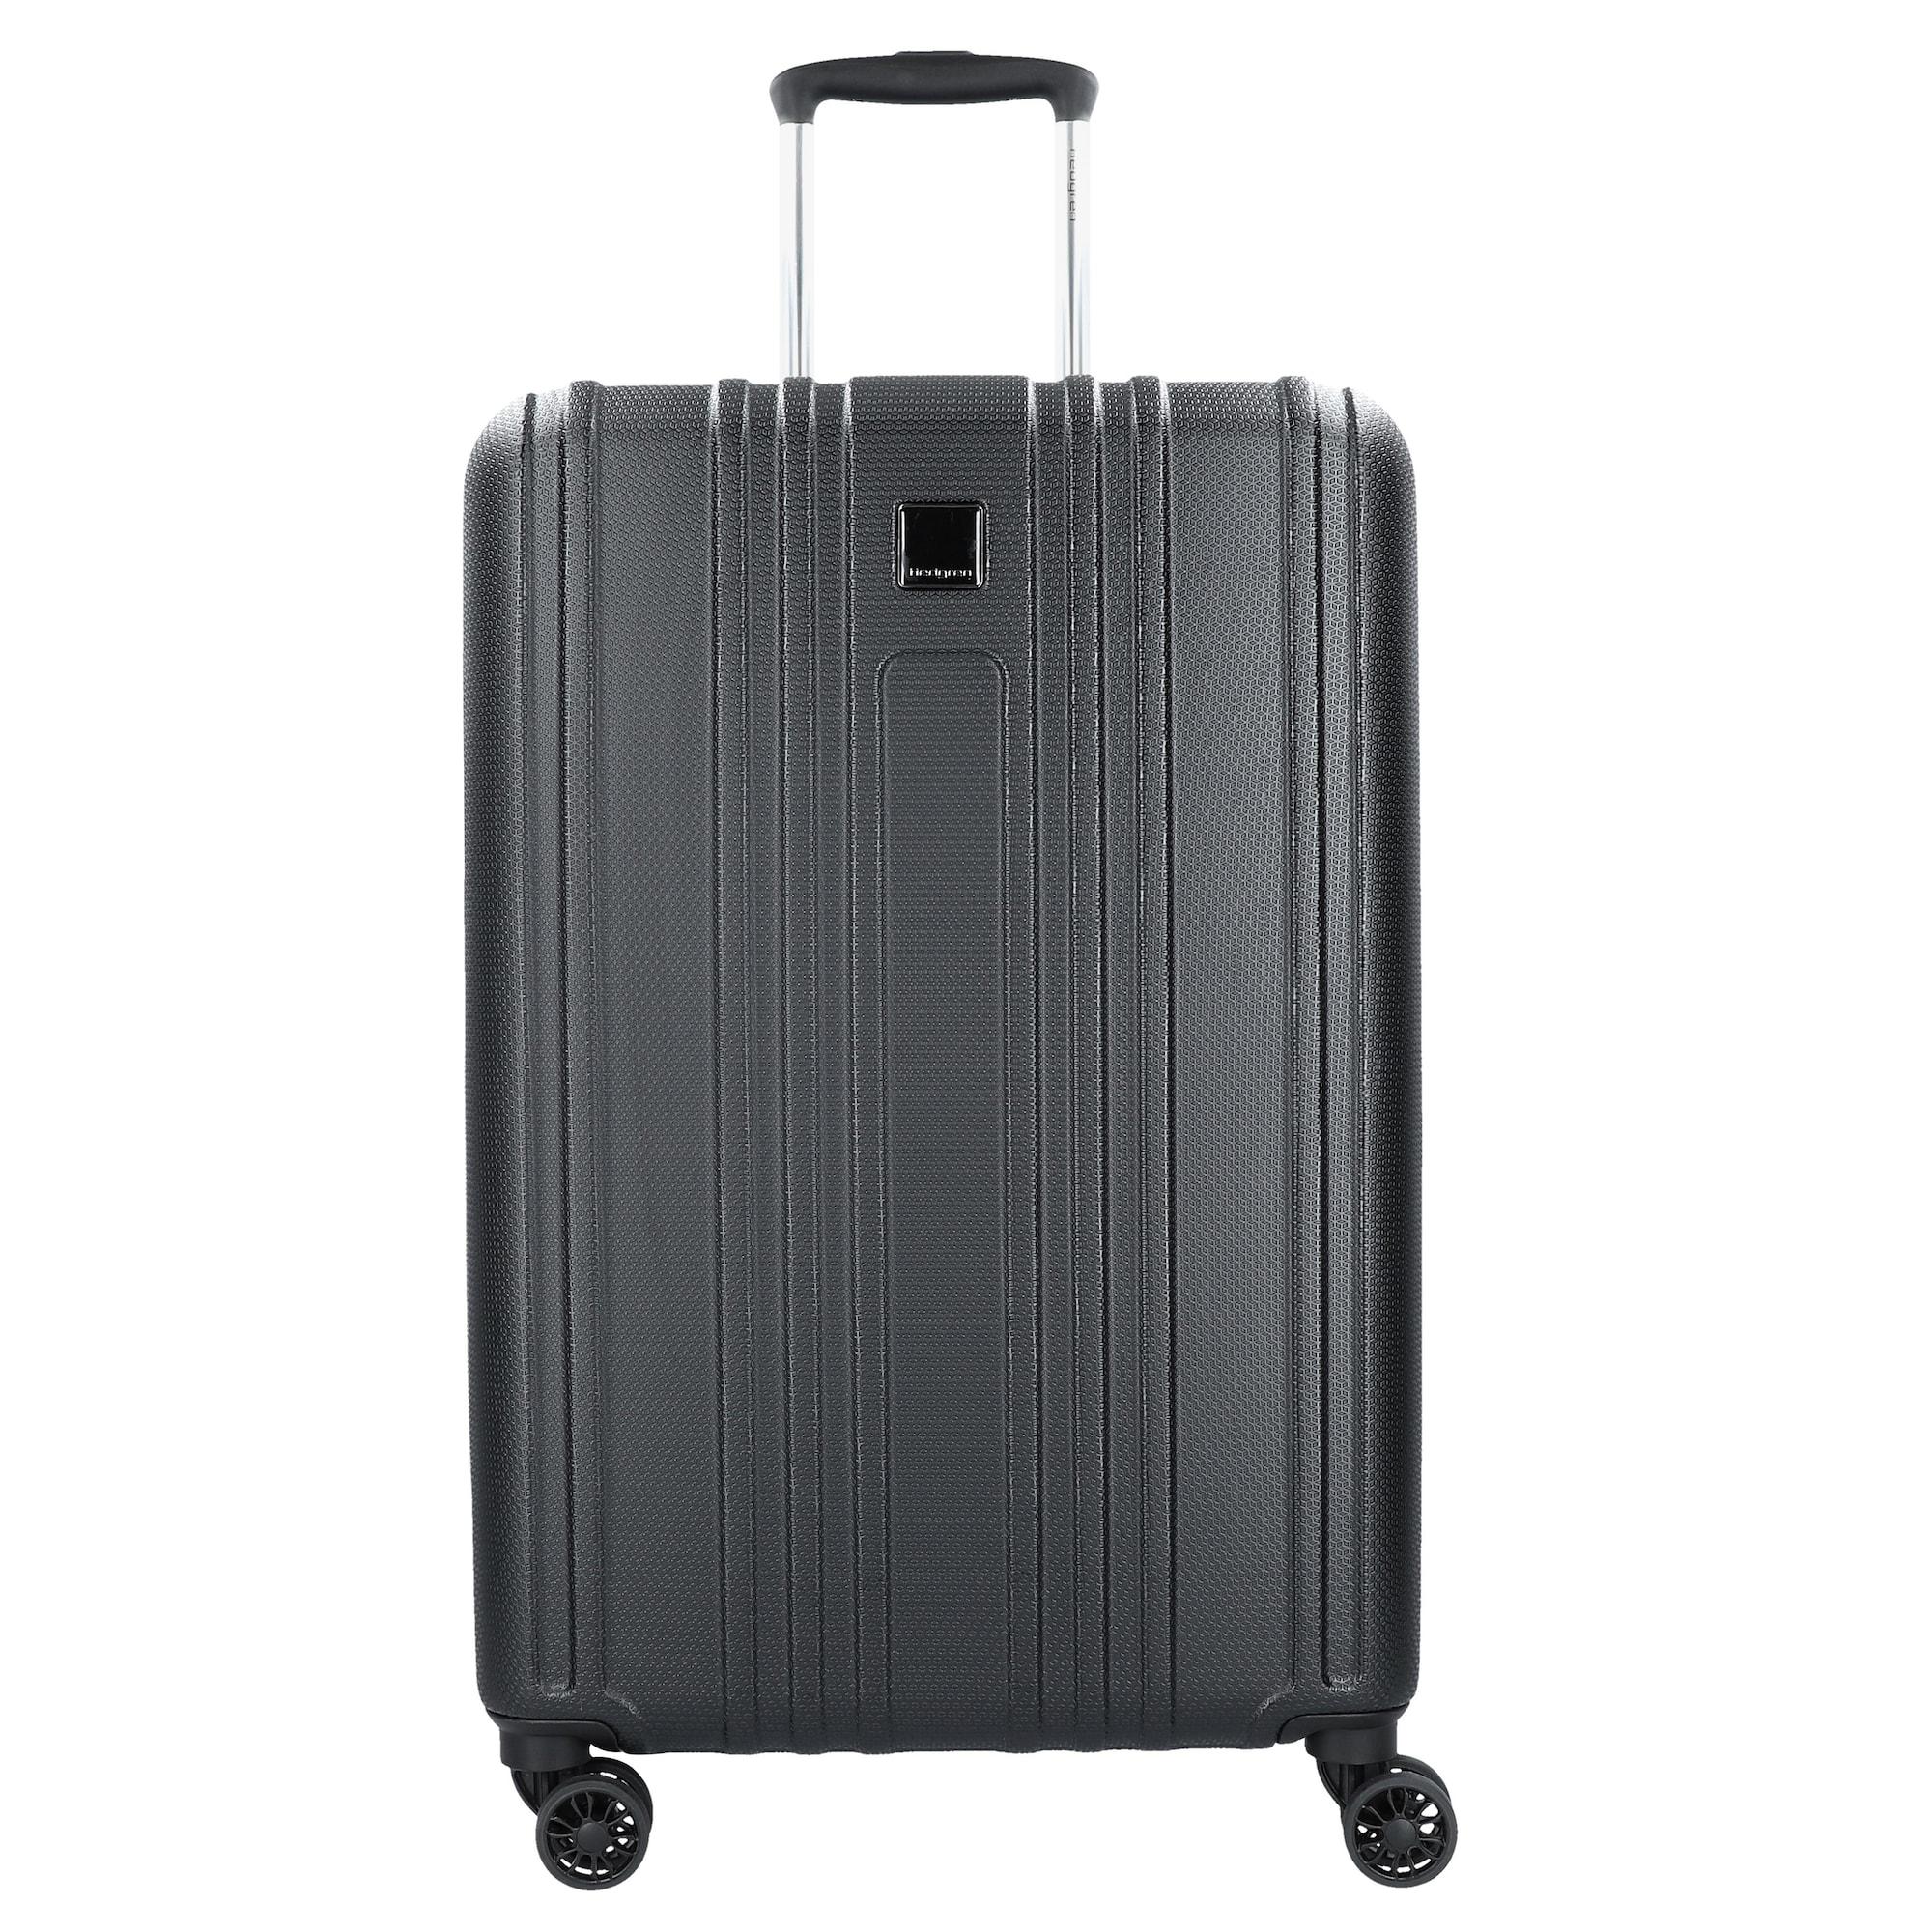 Trolley | Taschen > Koffer & Trolleys > Trolleys | Schwarz | Hedgren